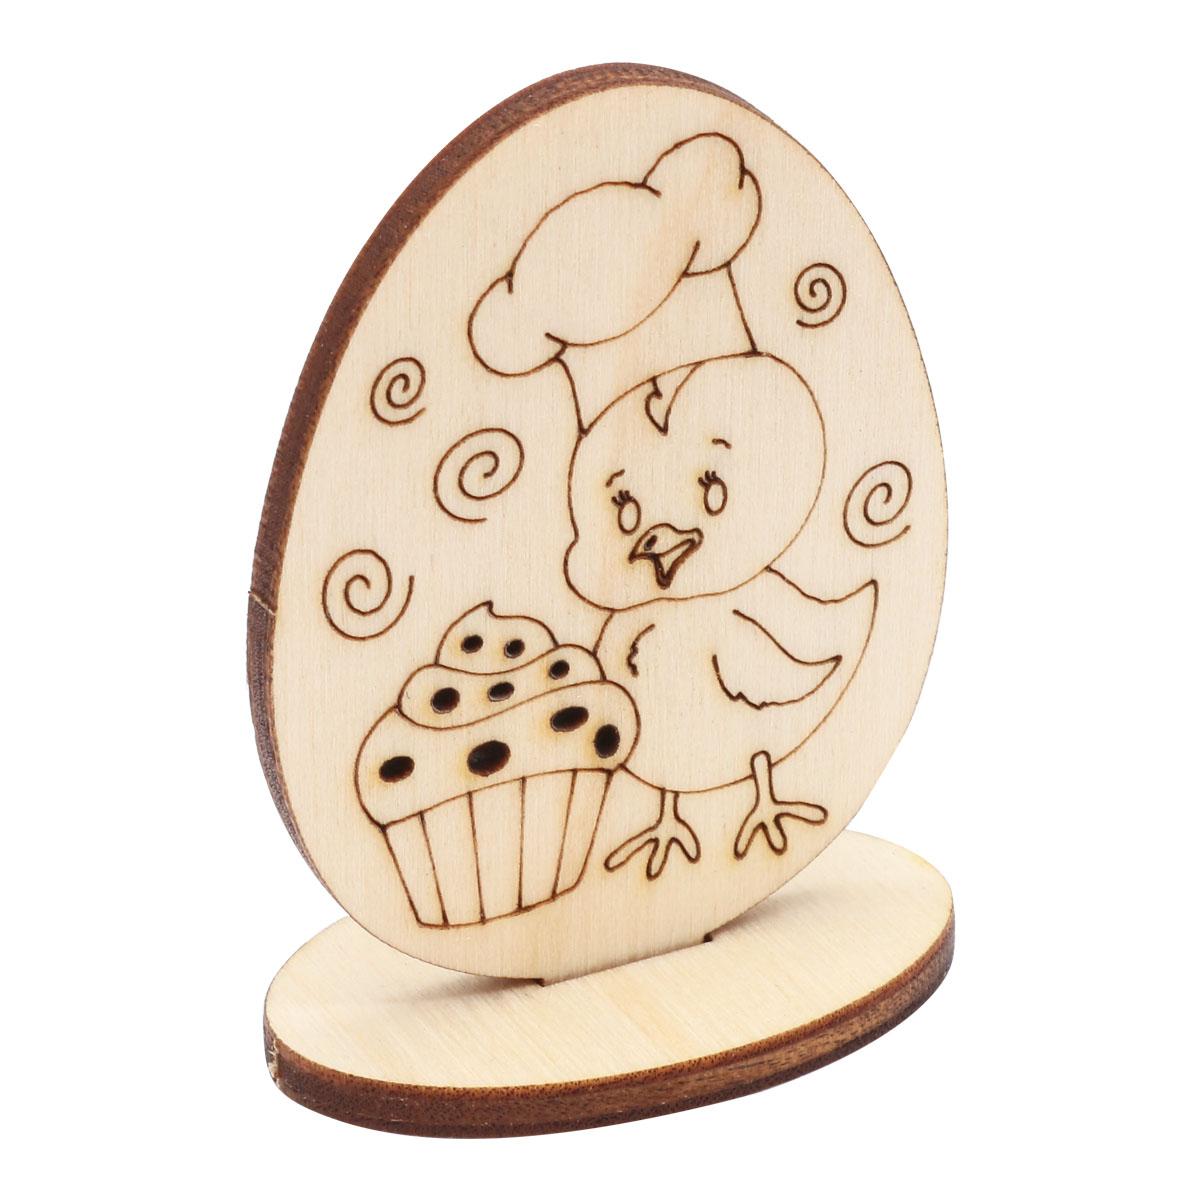 L-1378/7 Деревянная заготовка яйцо на подставке 'Цыпа 7' 5,2*4*2,5см Астра